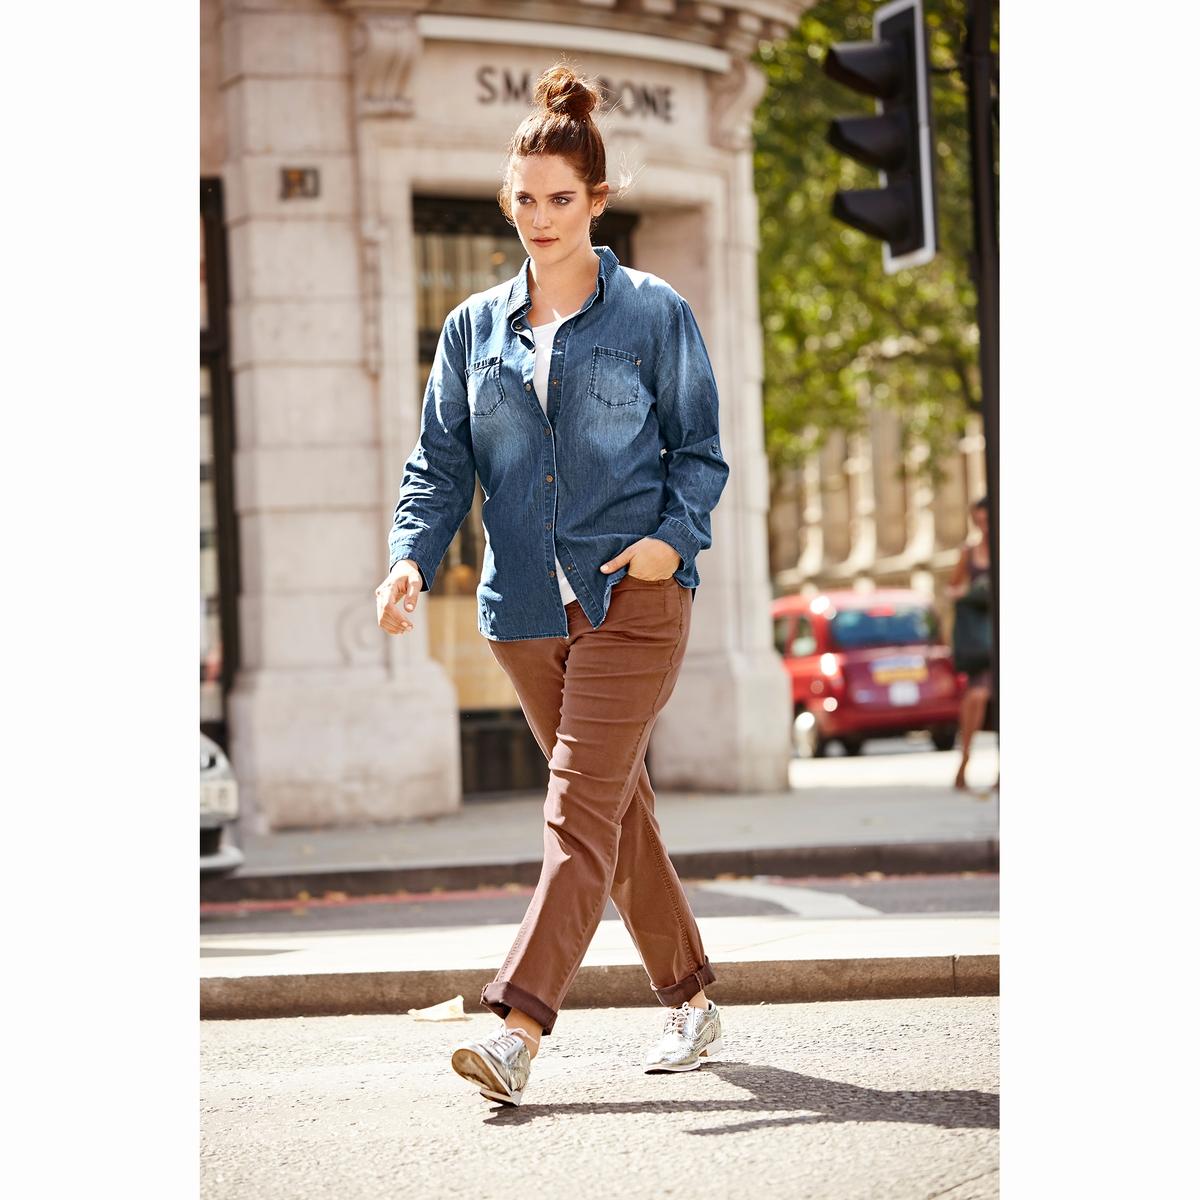 цены на Рубашка джинсовая в интернет-магазинах